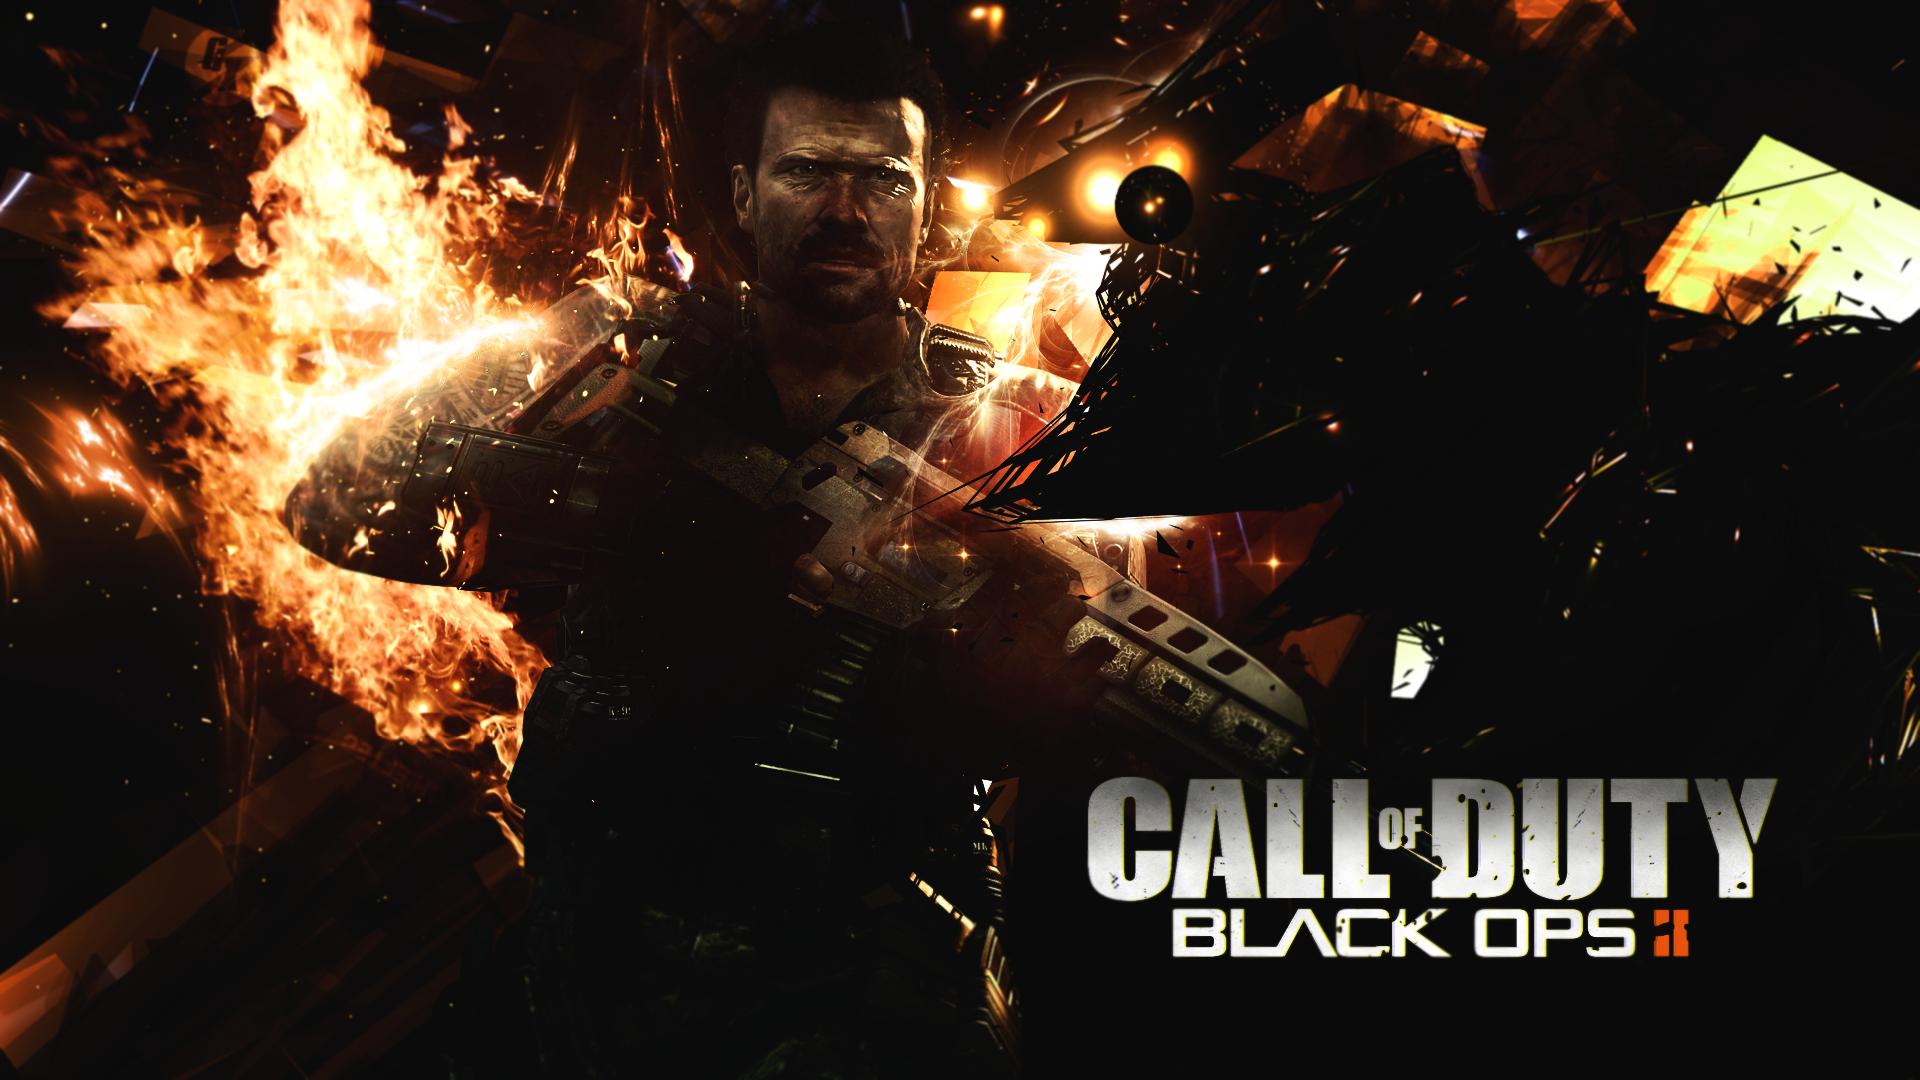 Call of Duty Black Ops 2 Wallpaper en 1080p HD by Gigy1996 on 1920x1080